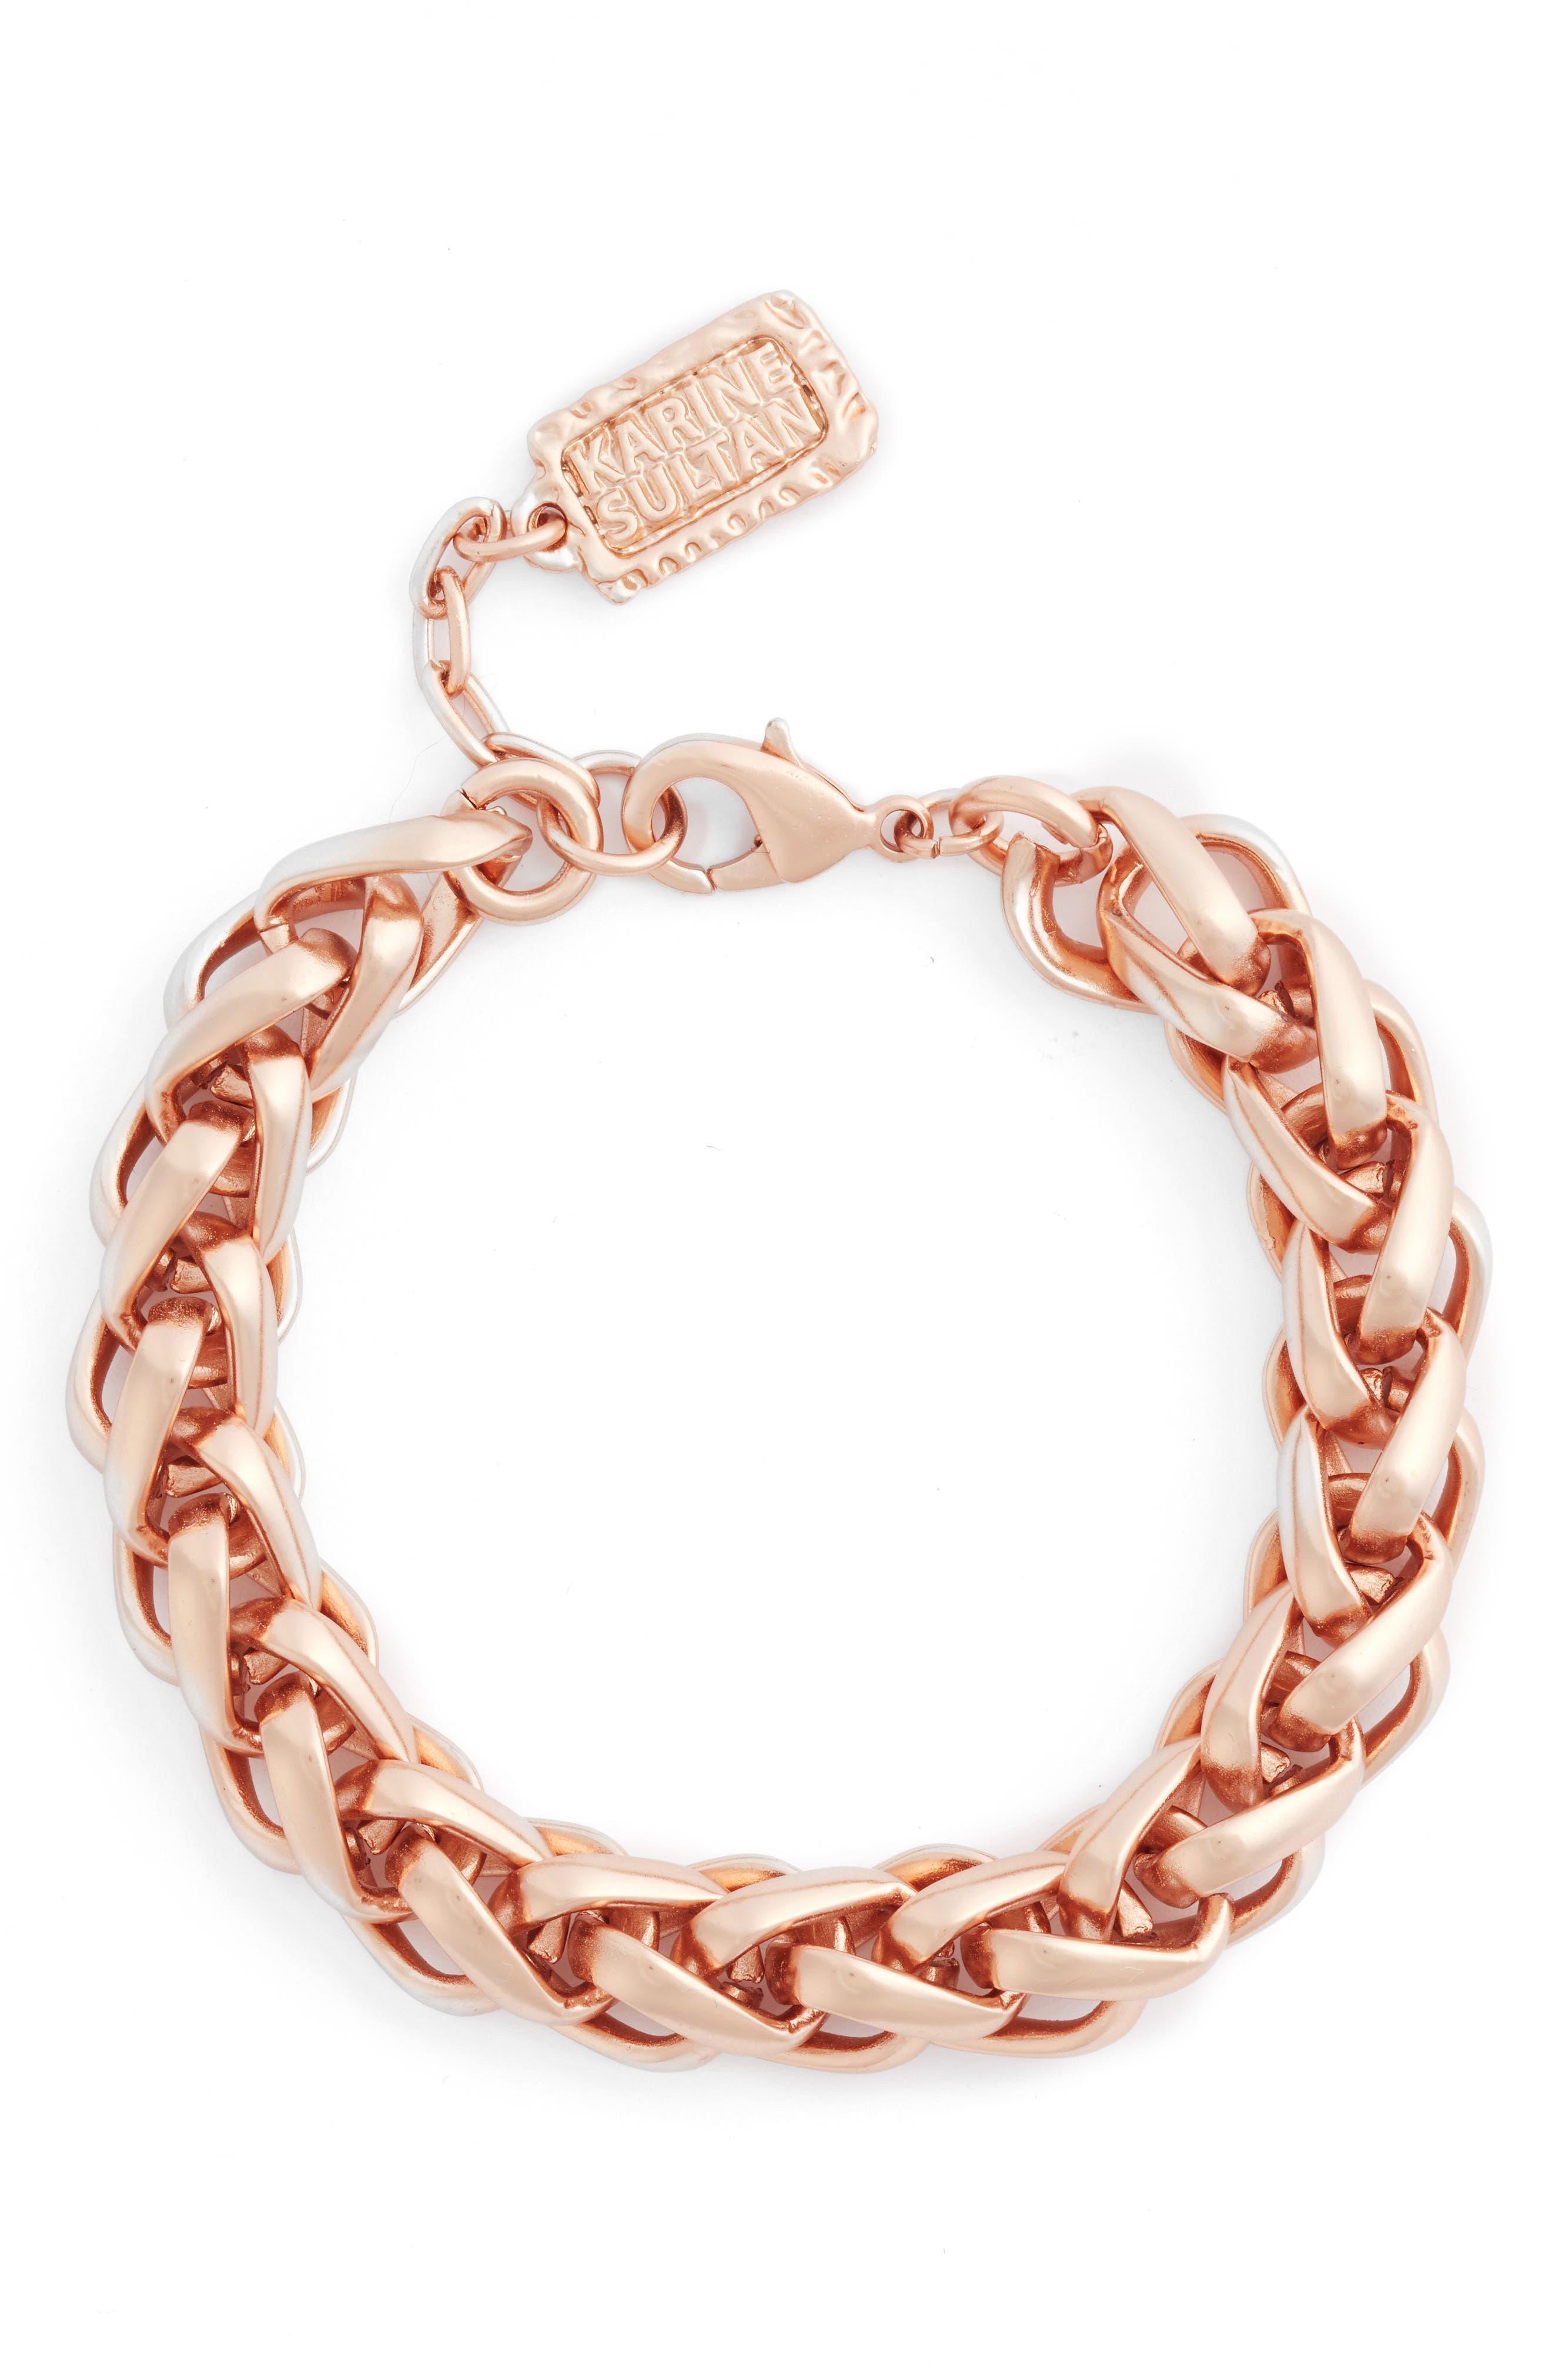 Braided Link Bracelet,                         Main,                         color, ROSE GOLD